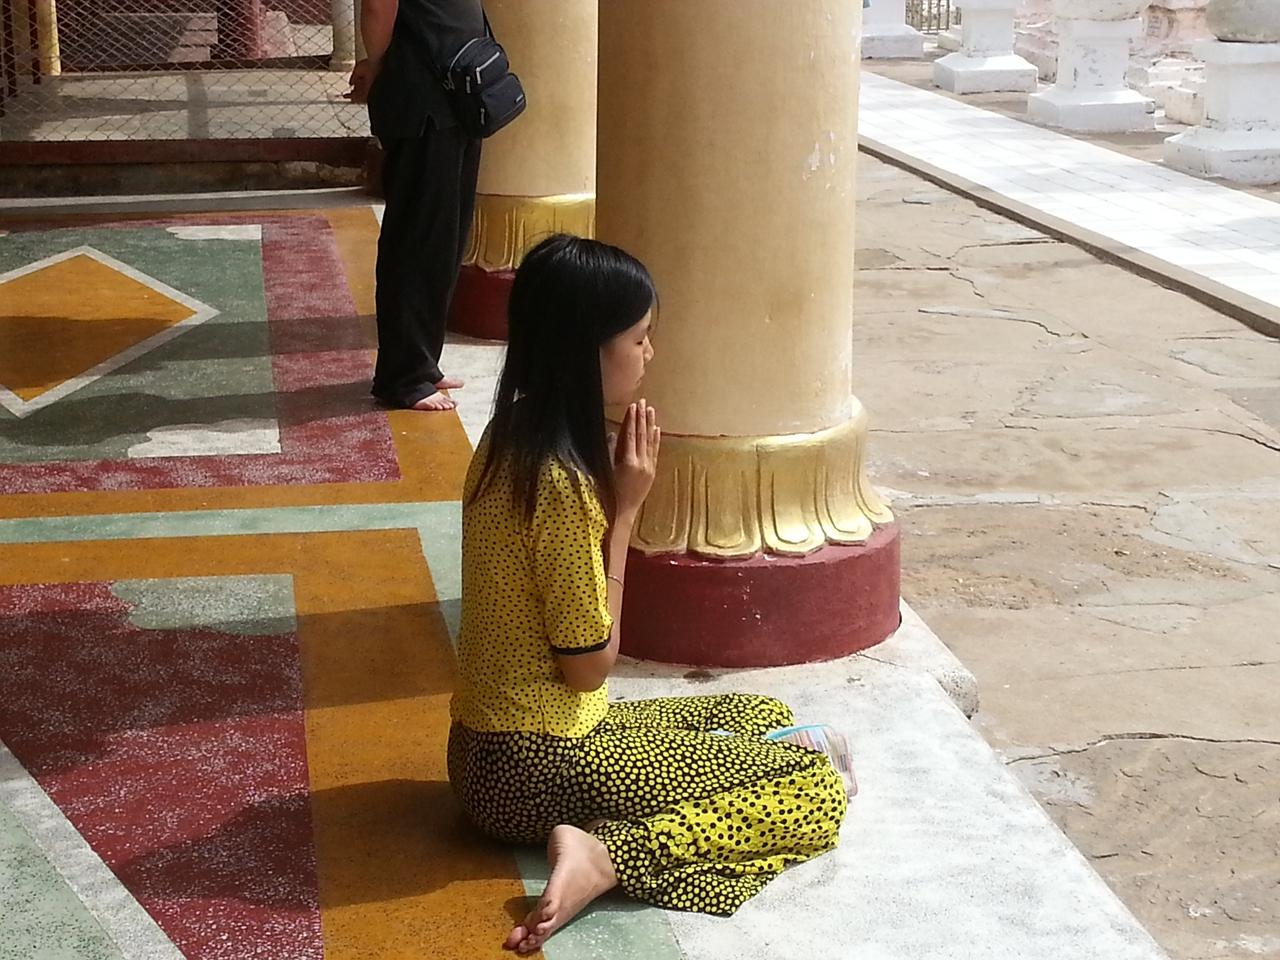 소녀의 기도 소녀에게 붓다는 어떤 존재일까?